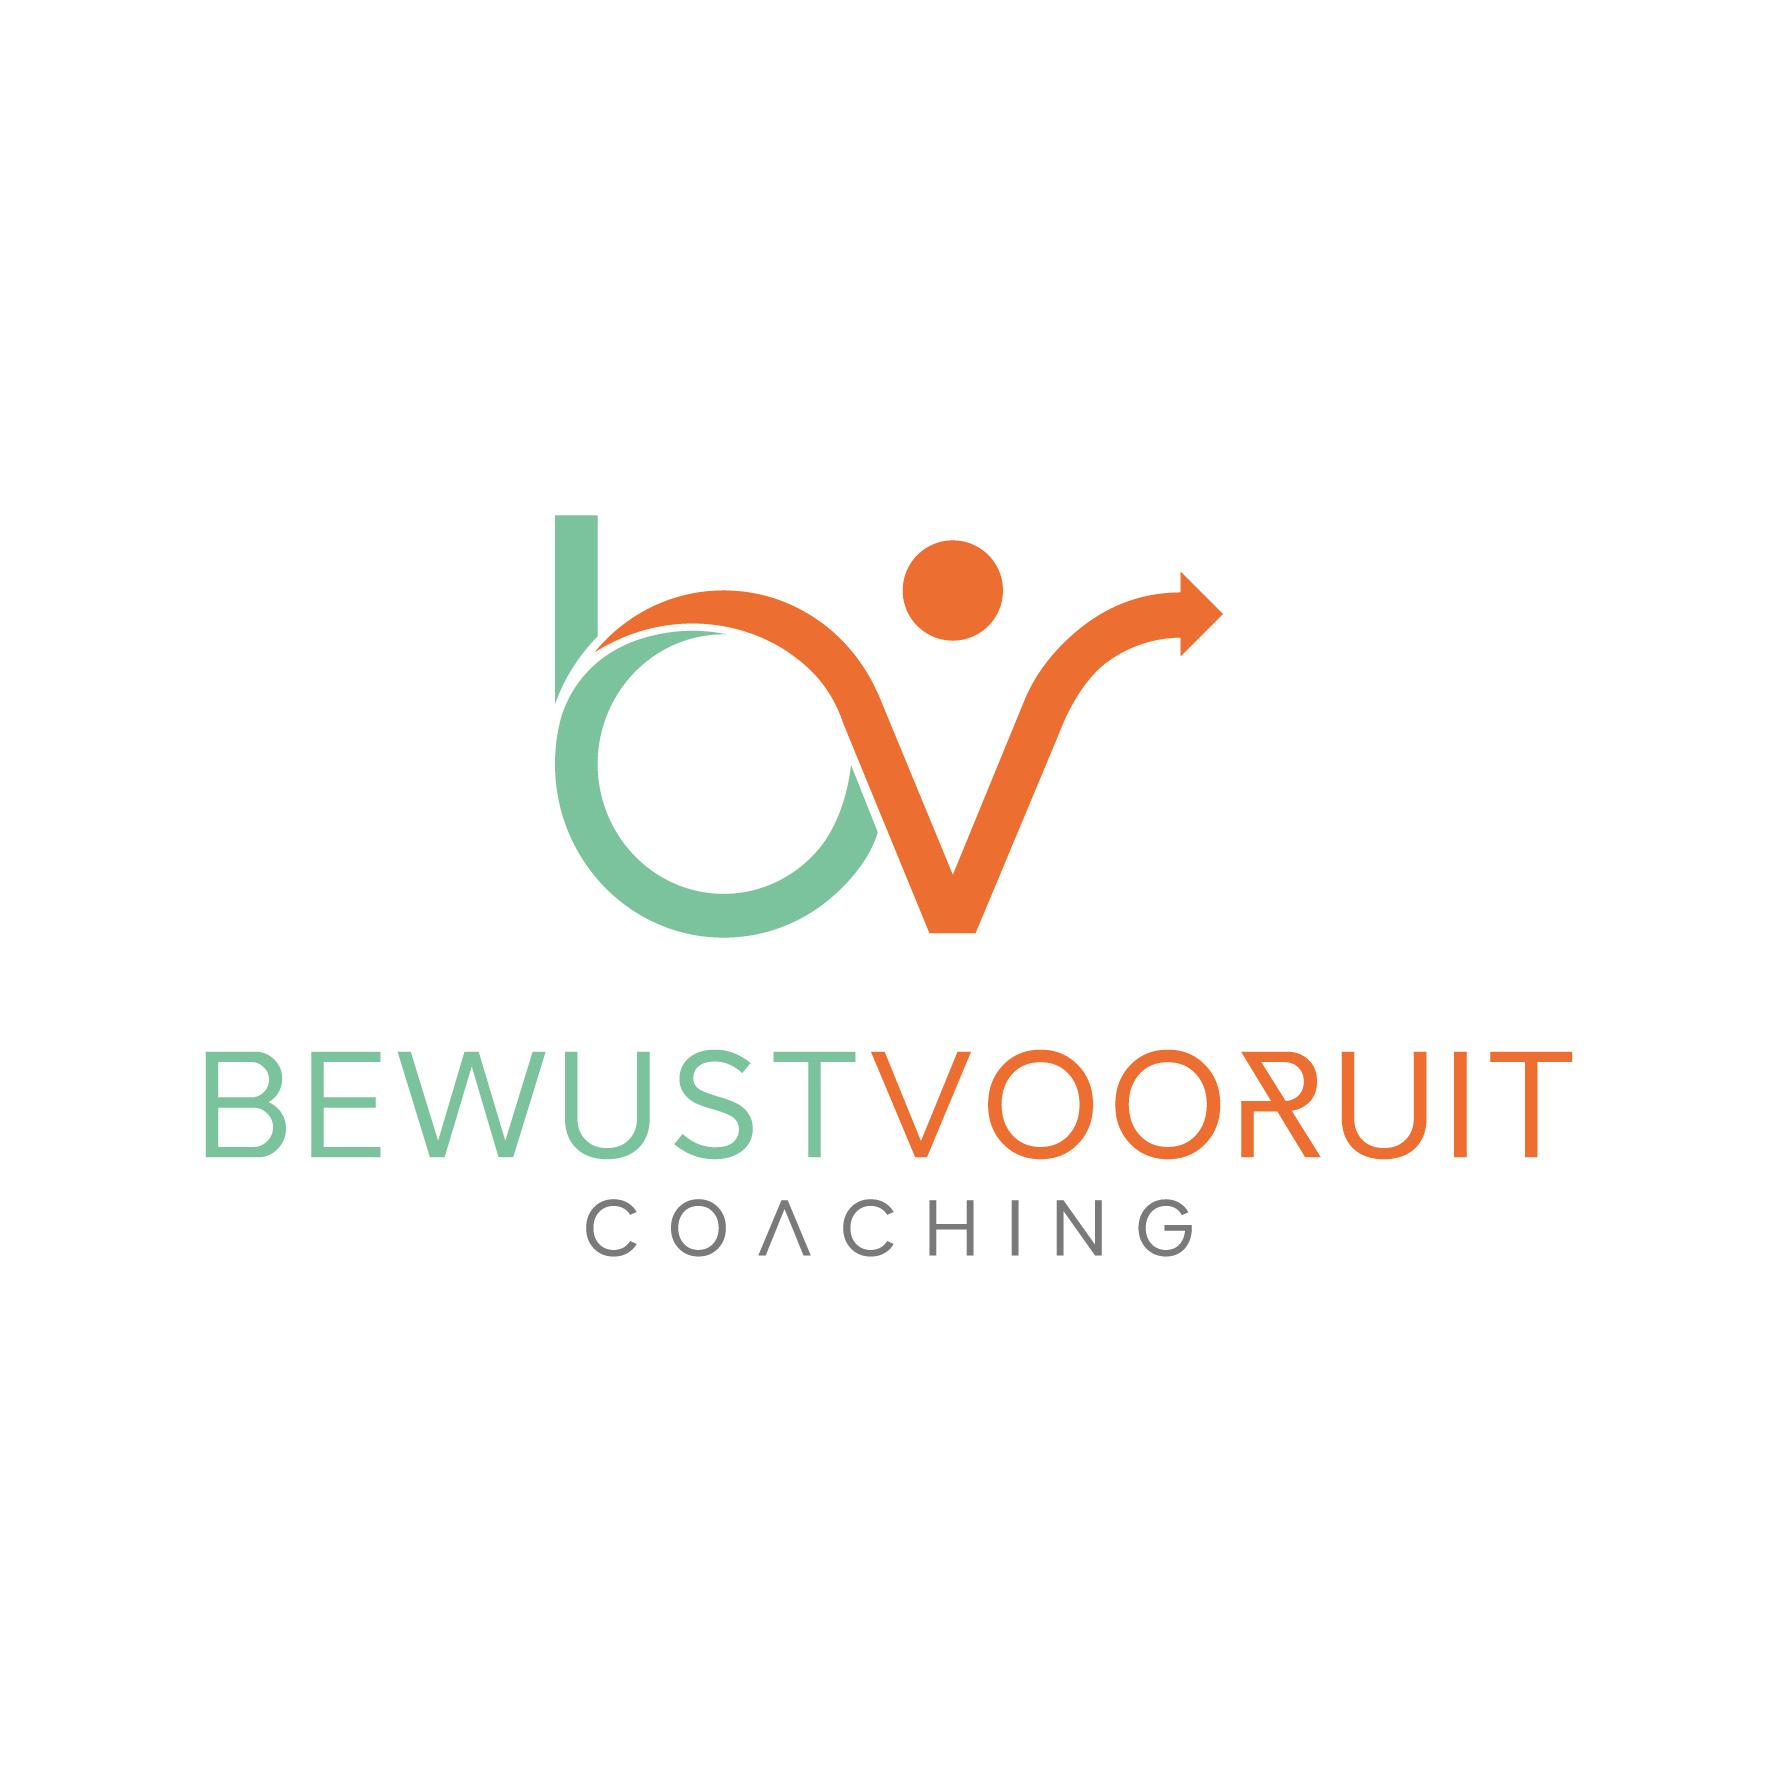 Bewust vooruit Coaching